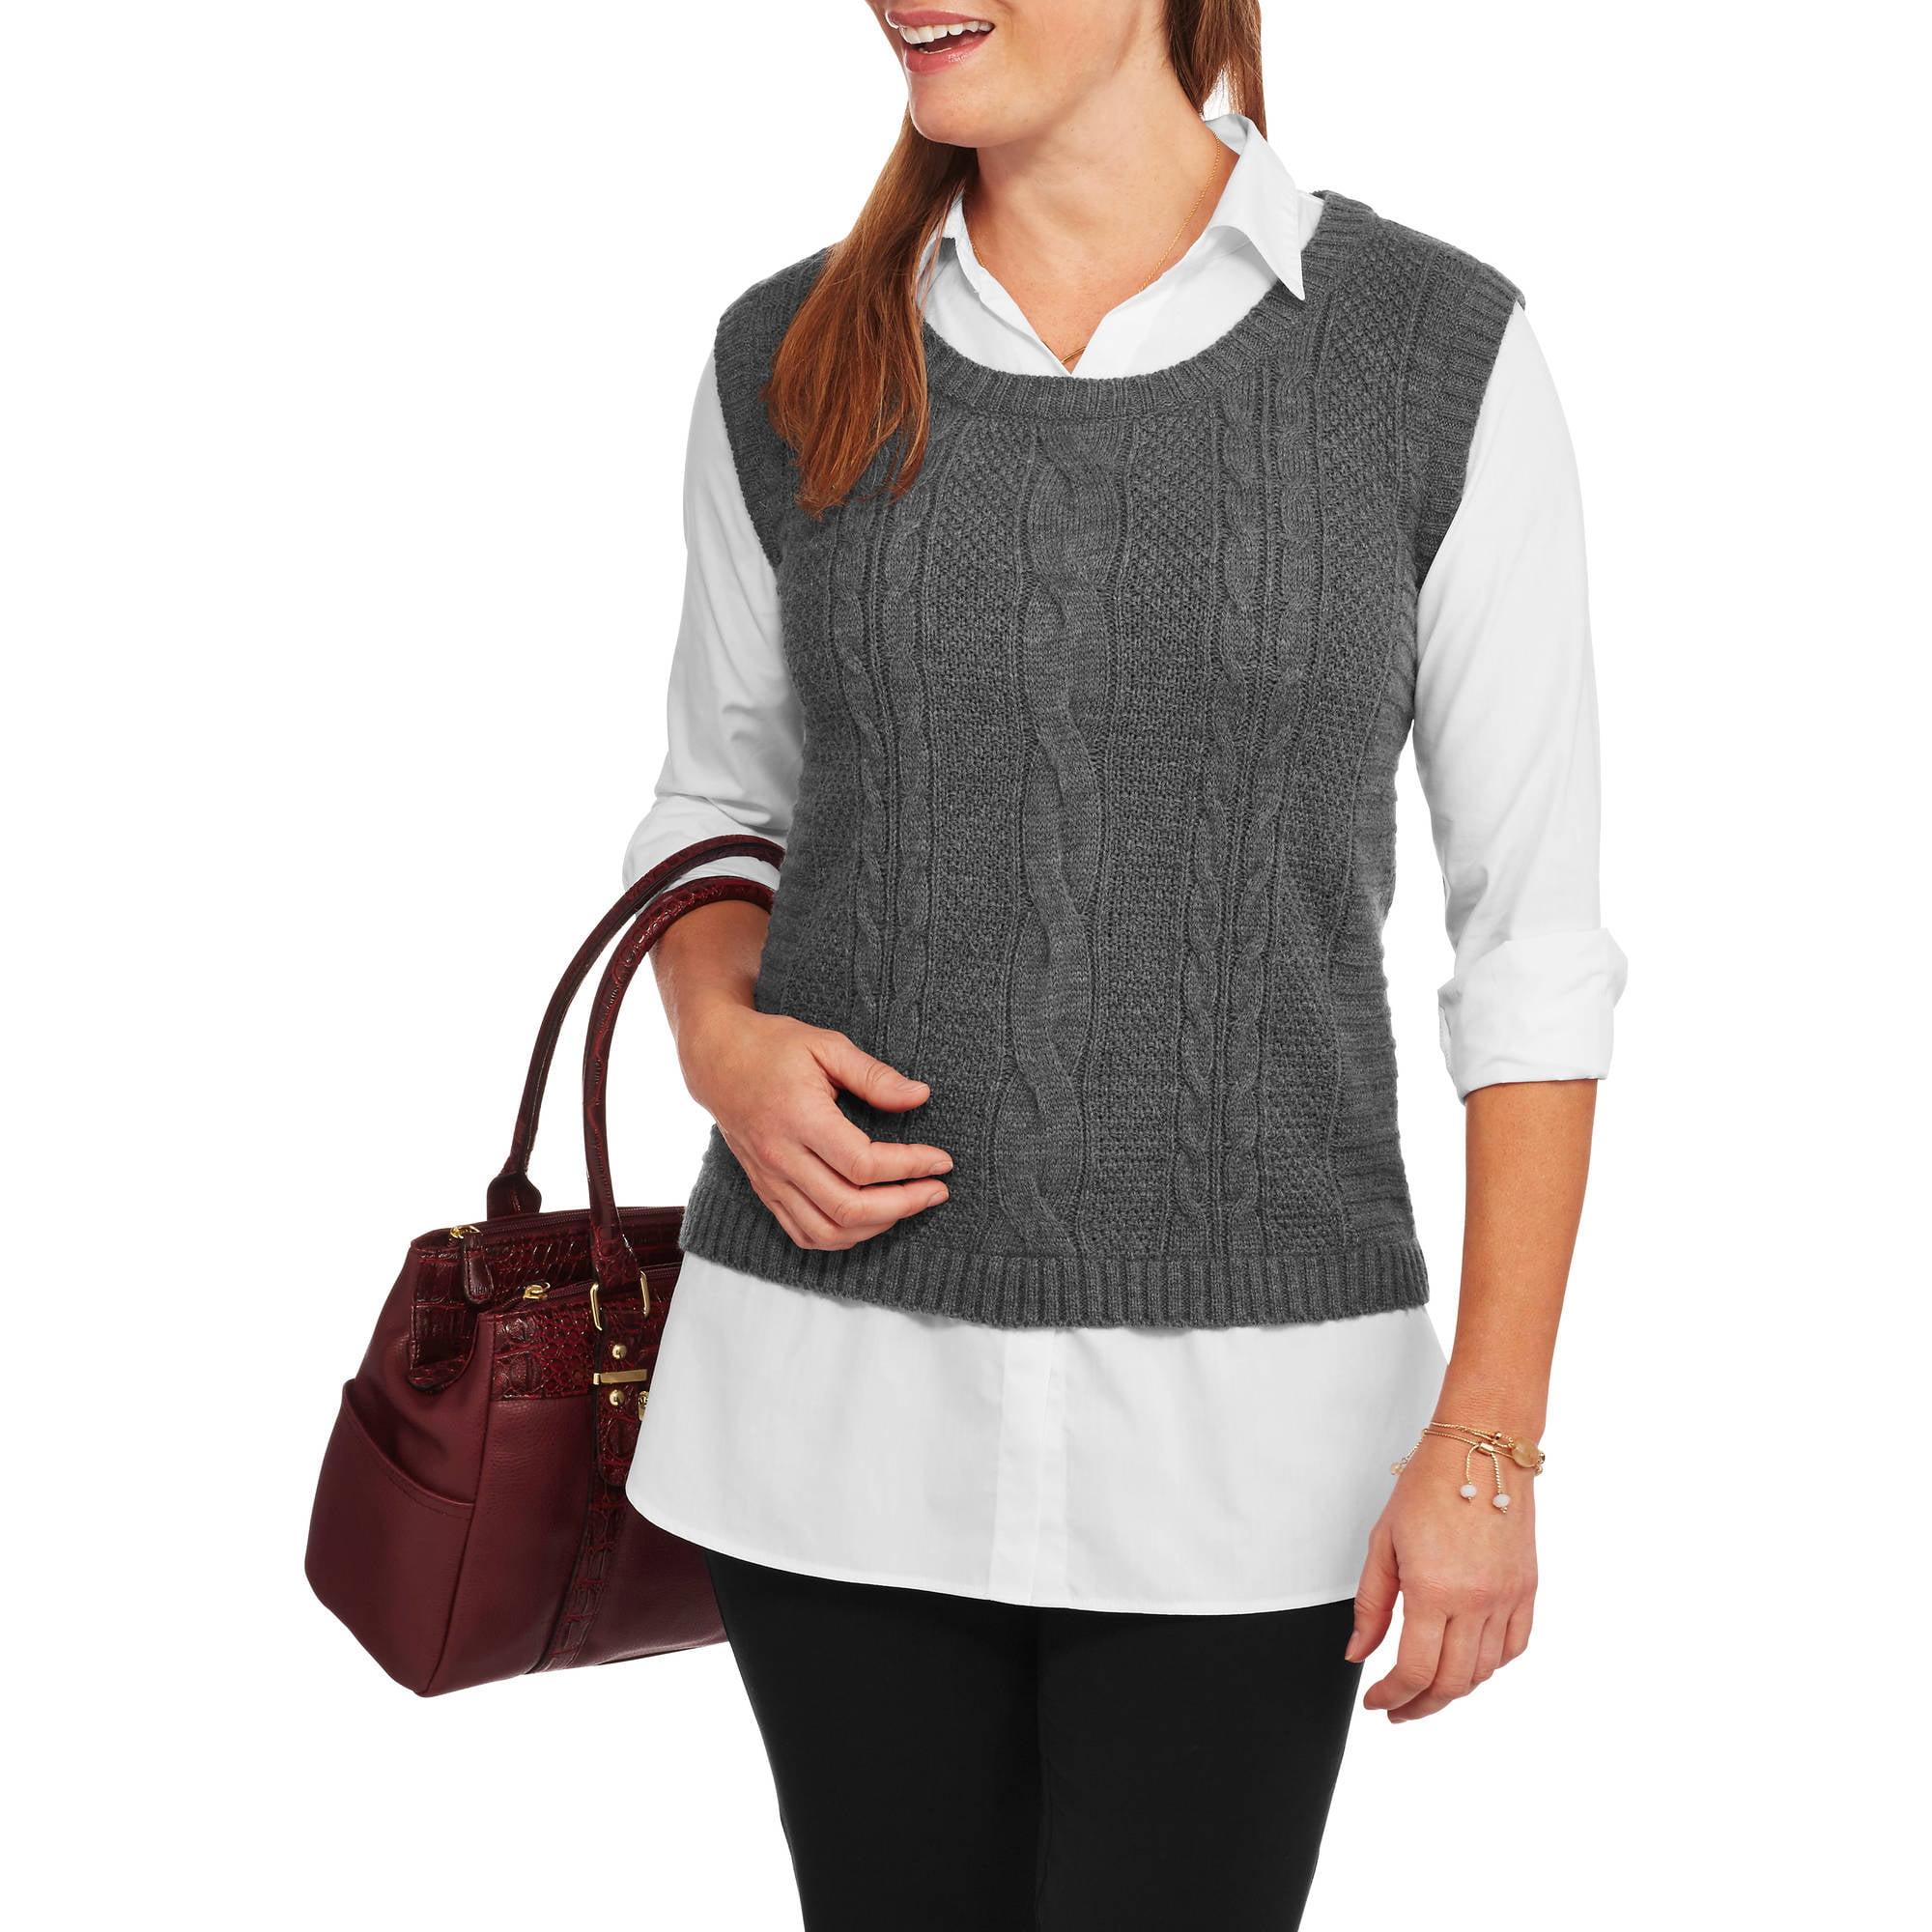 Faded Glory Women's 2fer Blouse Sweater Vest - Walmart.com